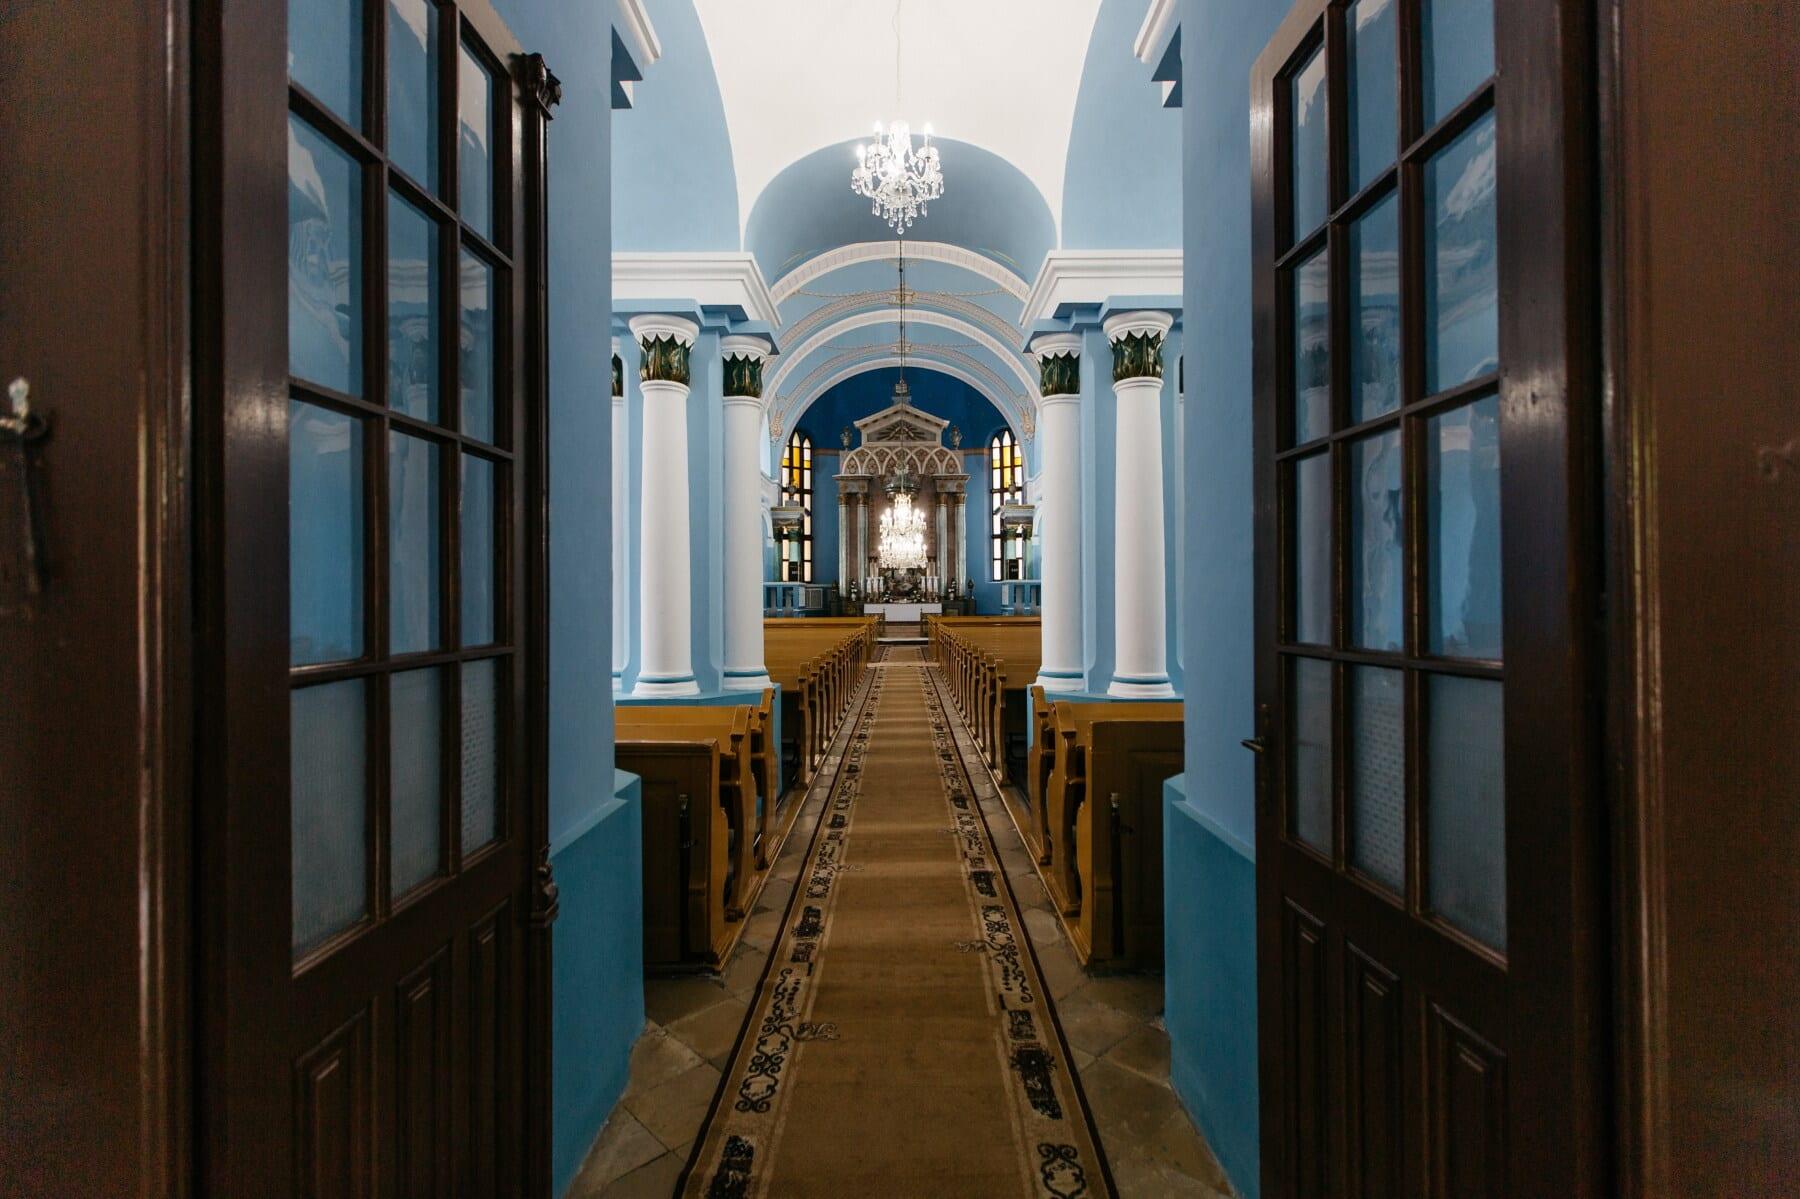 catholique, couloir, église, bleu, des murs, passerelle, autel, Porte, architecture, bâtiment